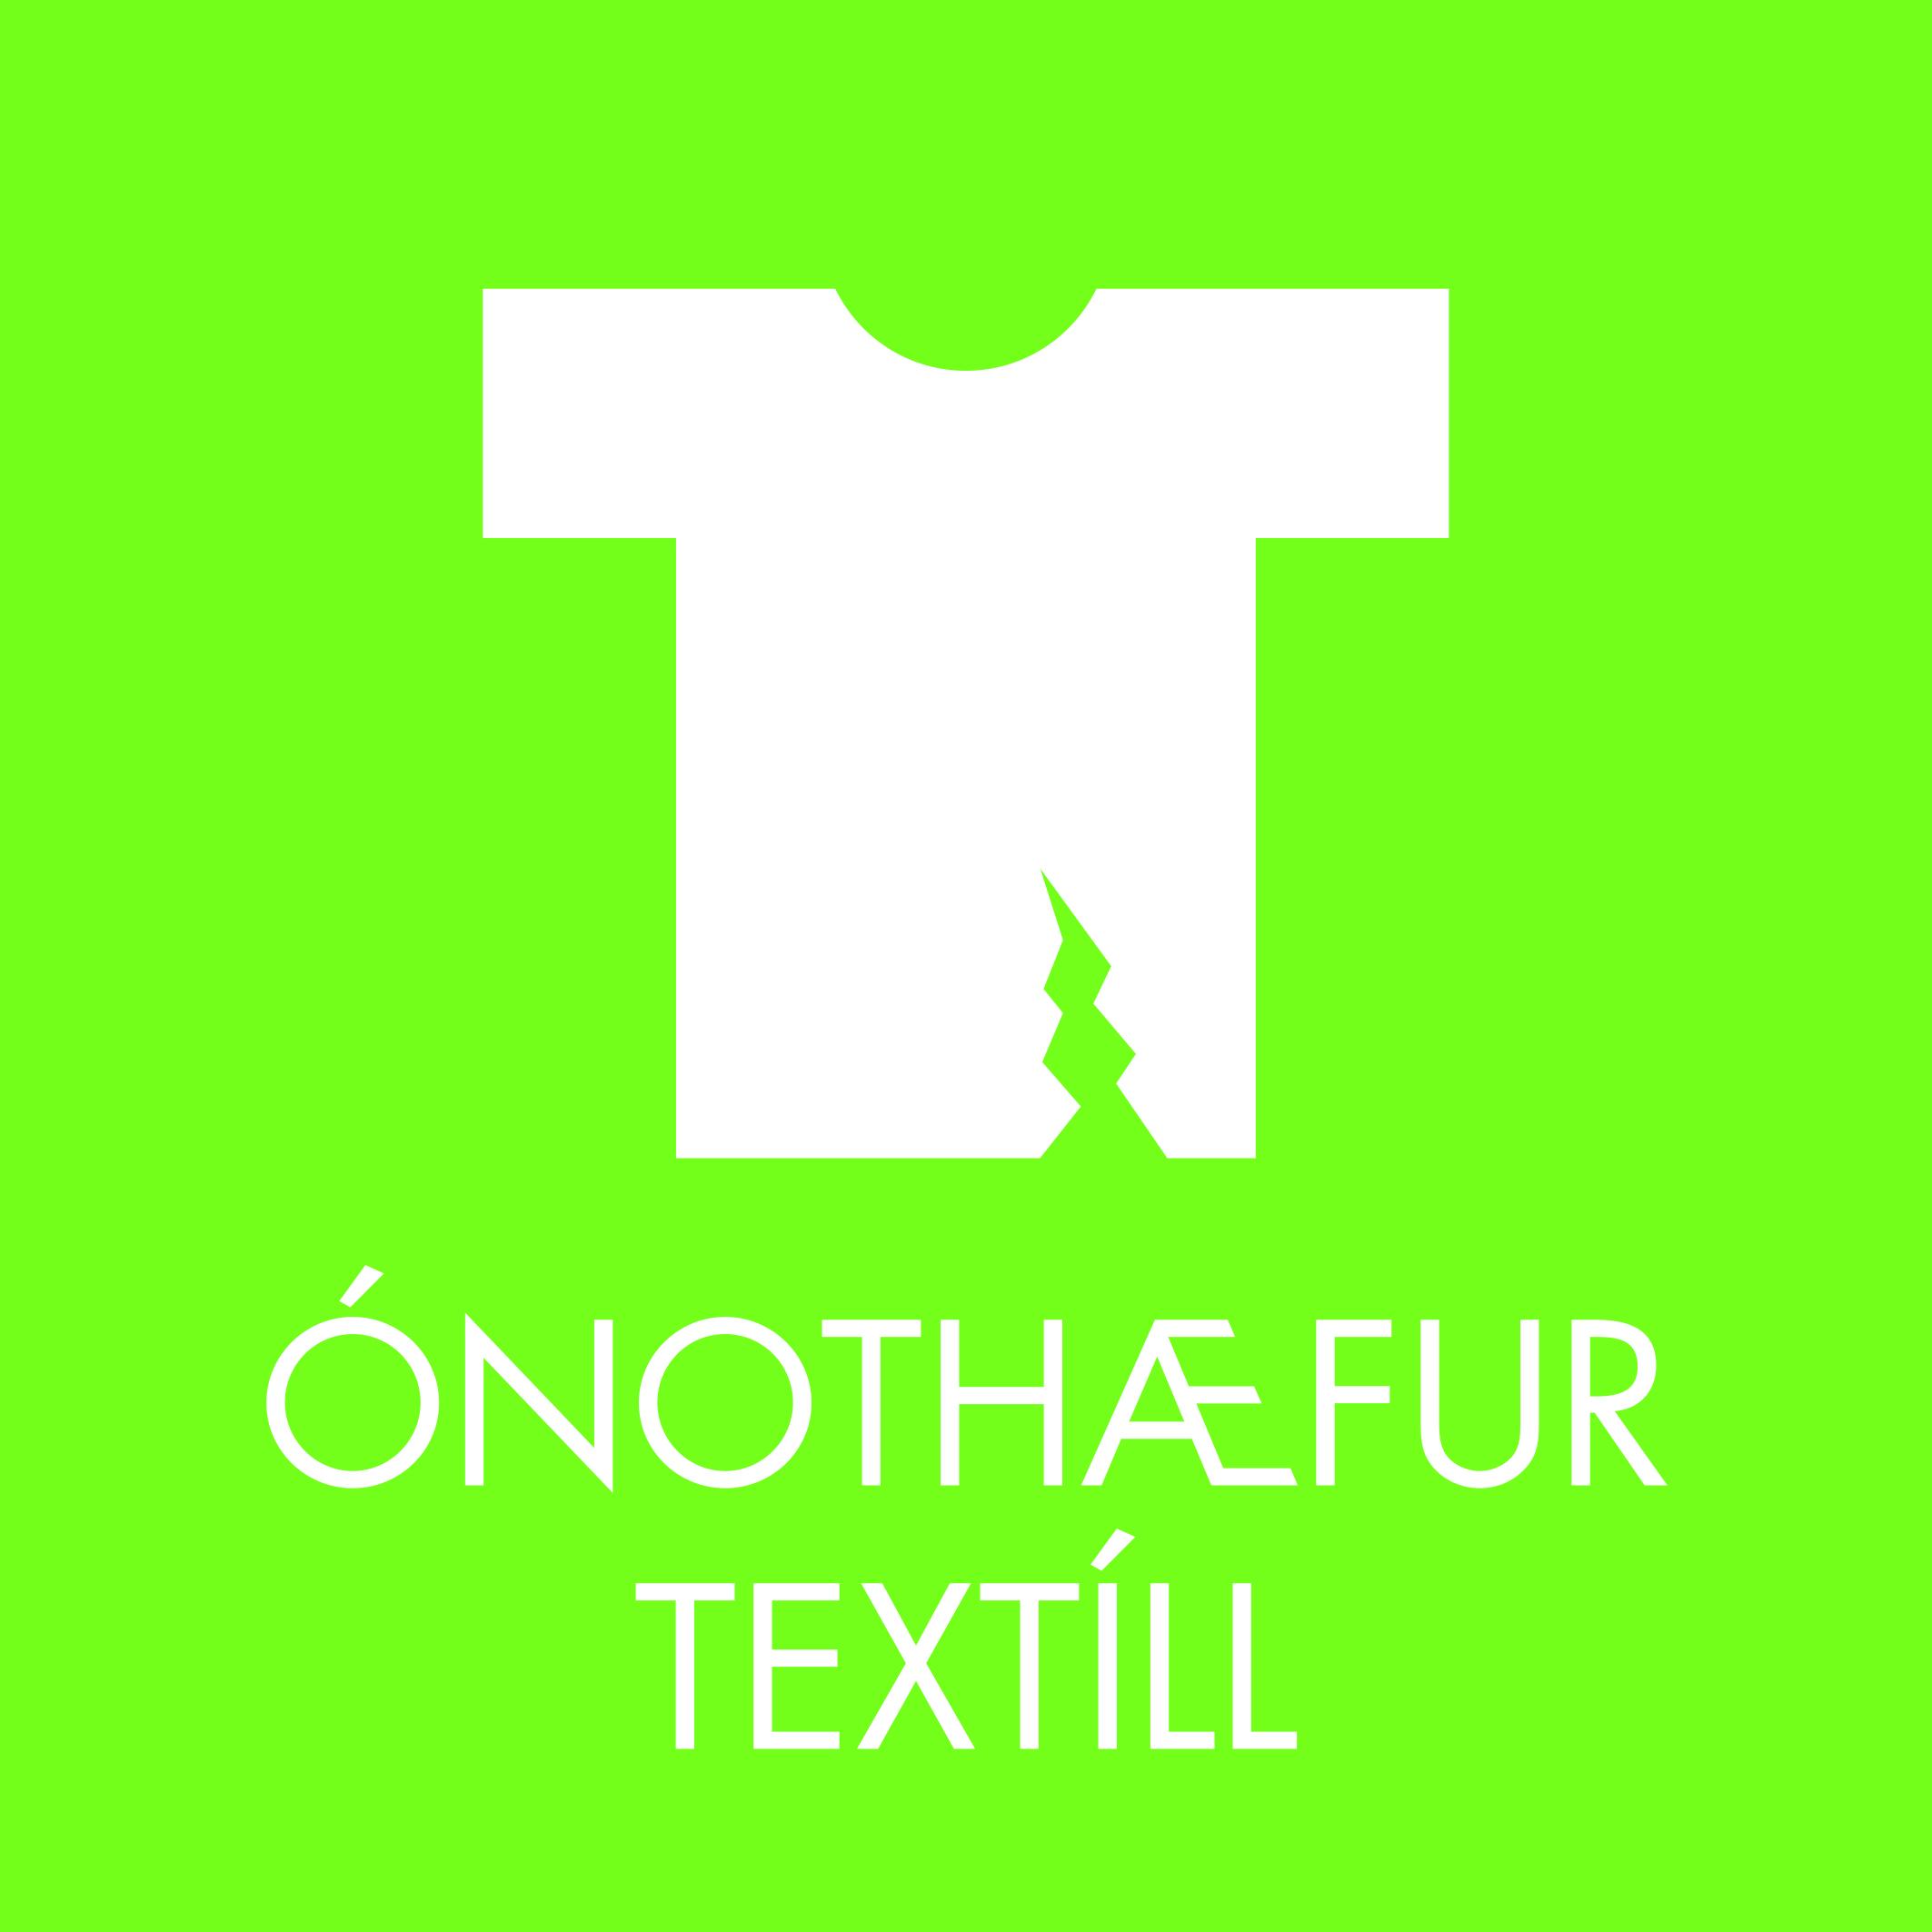 Ónothæfur textíll